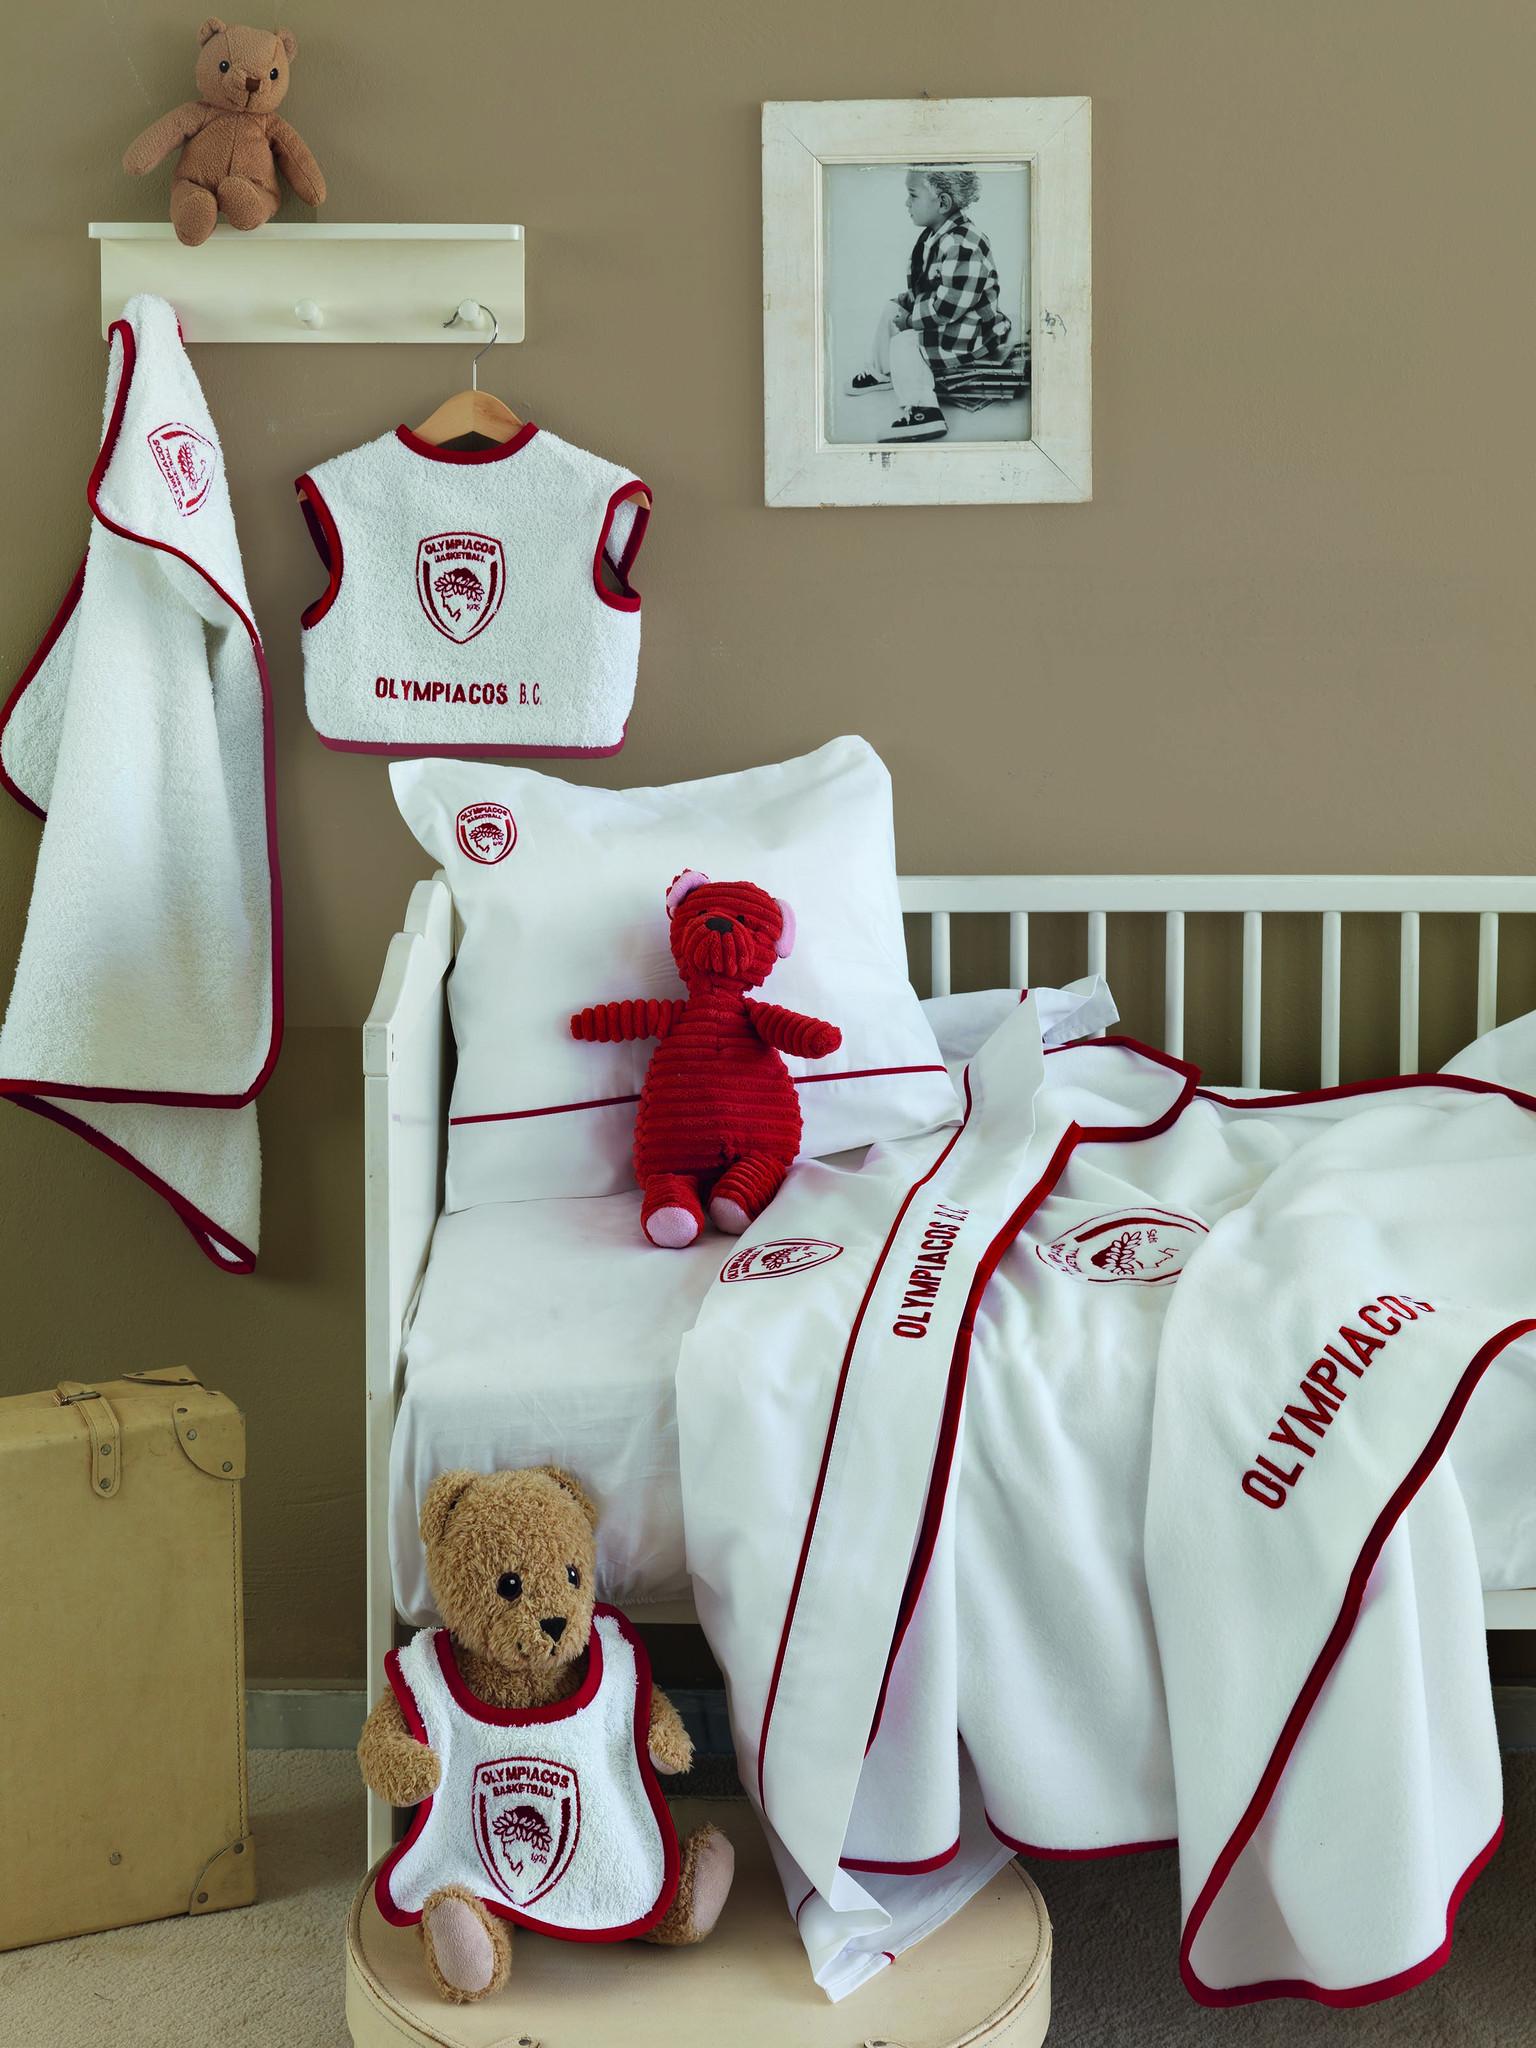 Σεντόνια (Σετ 3 Τμχ) Κούνιας 100% Bαμβάκι Palamaiki Olympiacos Baby Τeam-ΟΣΦΠ-Ολ σεντόνια βρεφικά  λευκά είδη ολυμπιακός